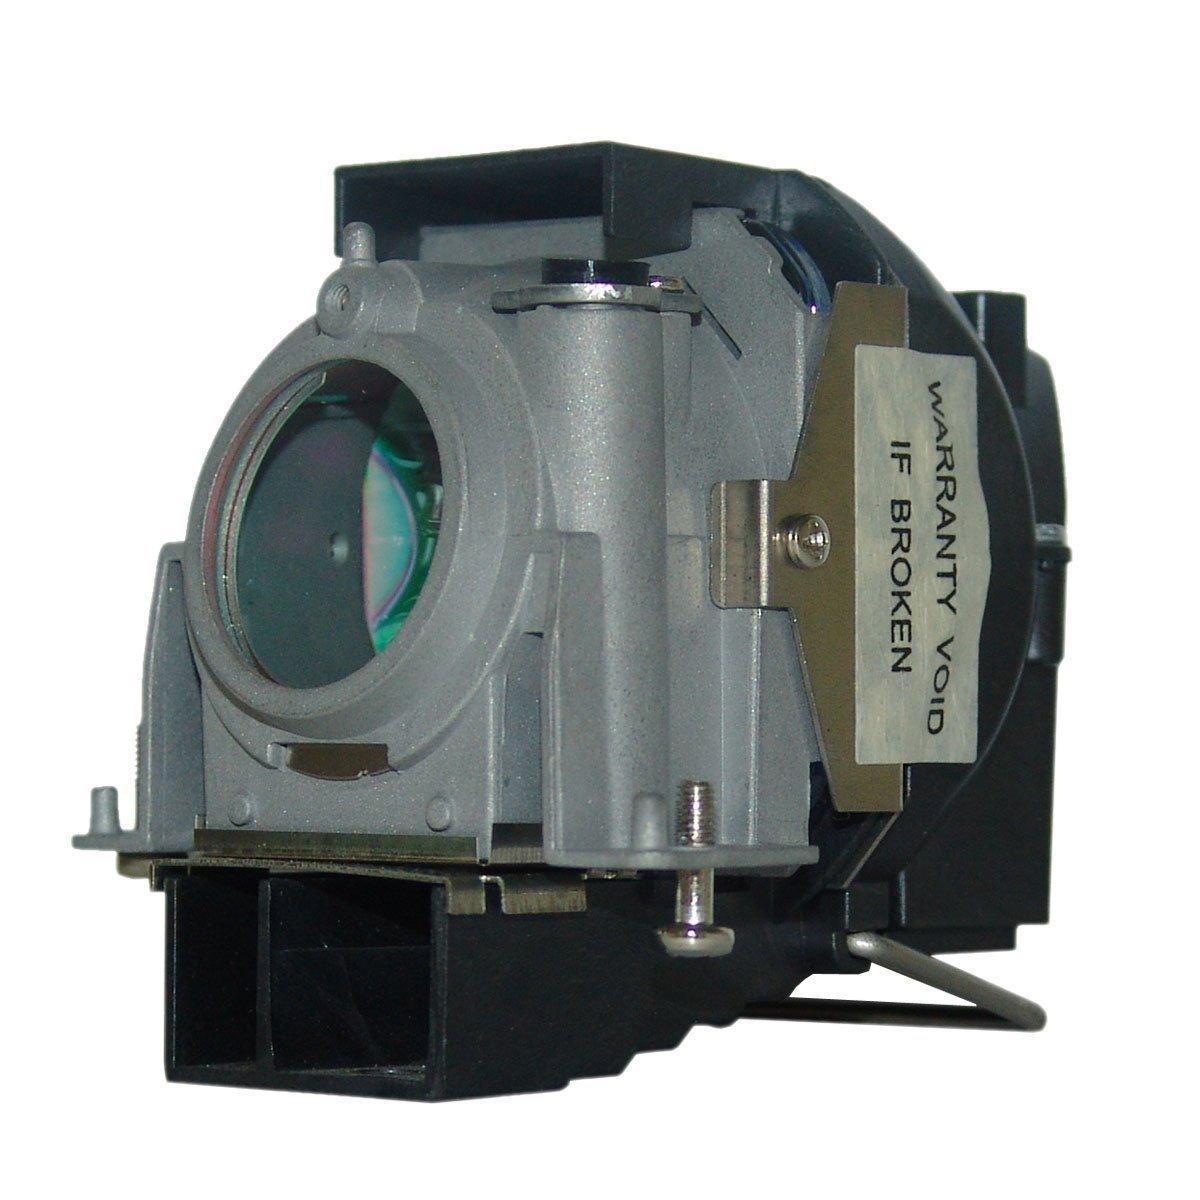 交換用プロジェクターランプnp02lp withハウジングフィットfor NEC np40 NEC np50プロジェクタ(by artki) B01MTJVSMC